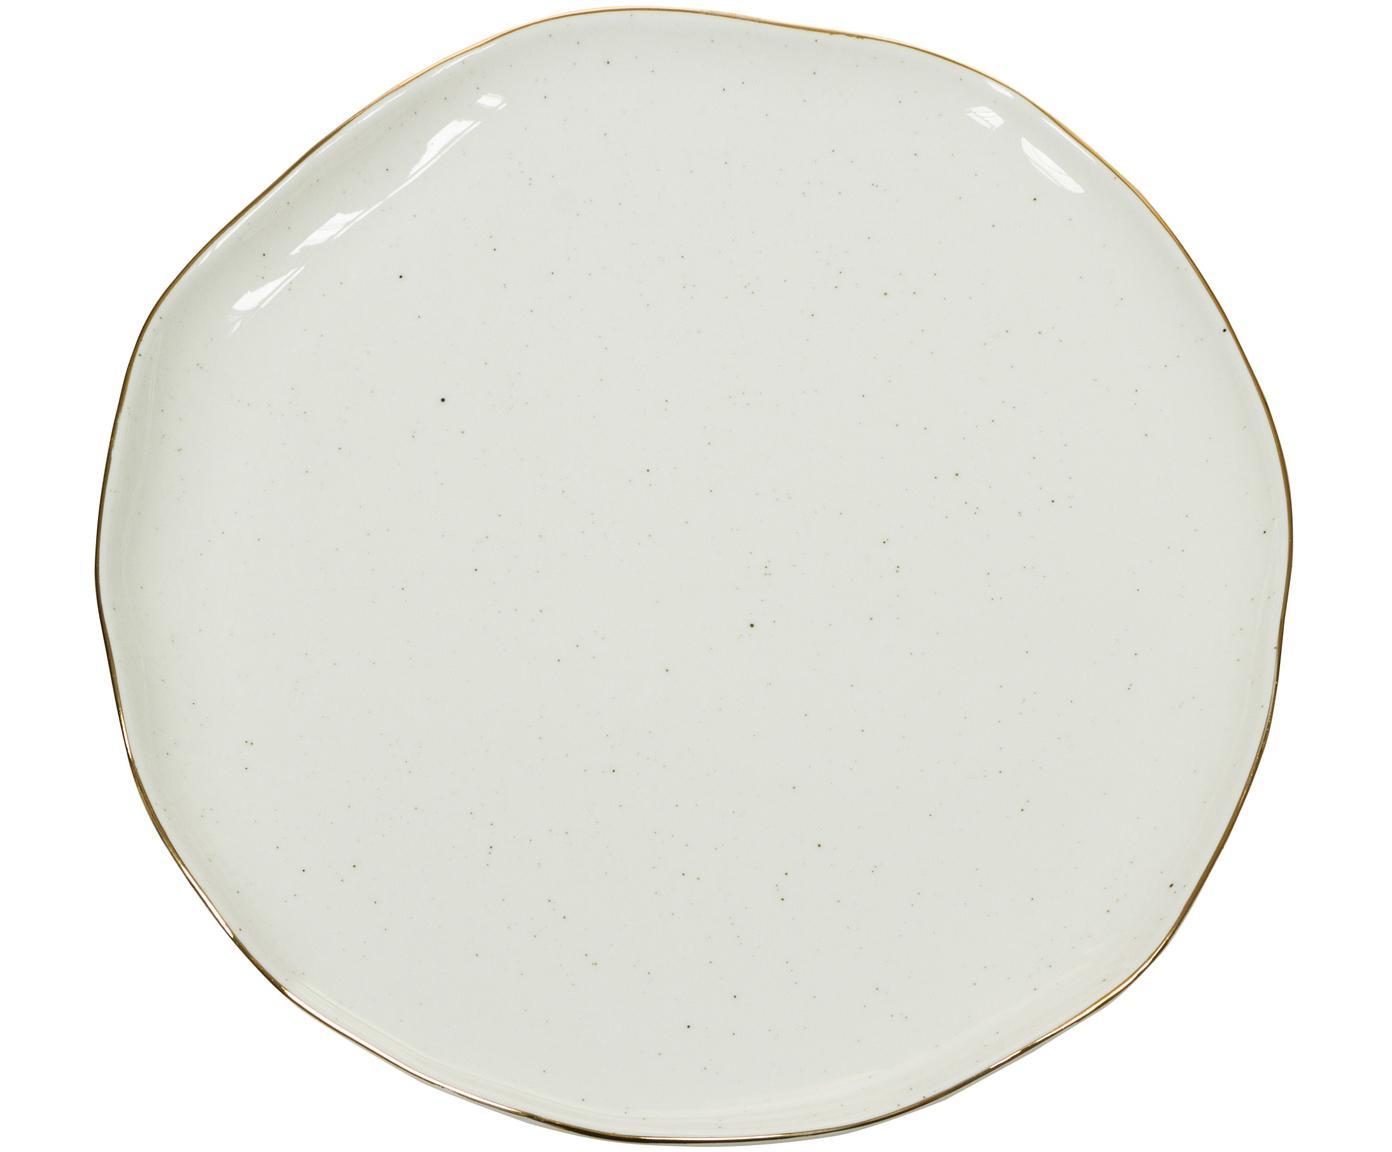 Planos llanos artesanales Bol, 2uds., Porcelana, Blanco crema, Ø 26 x Al 3 cm